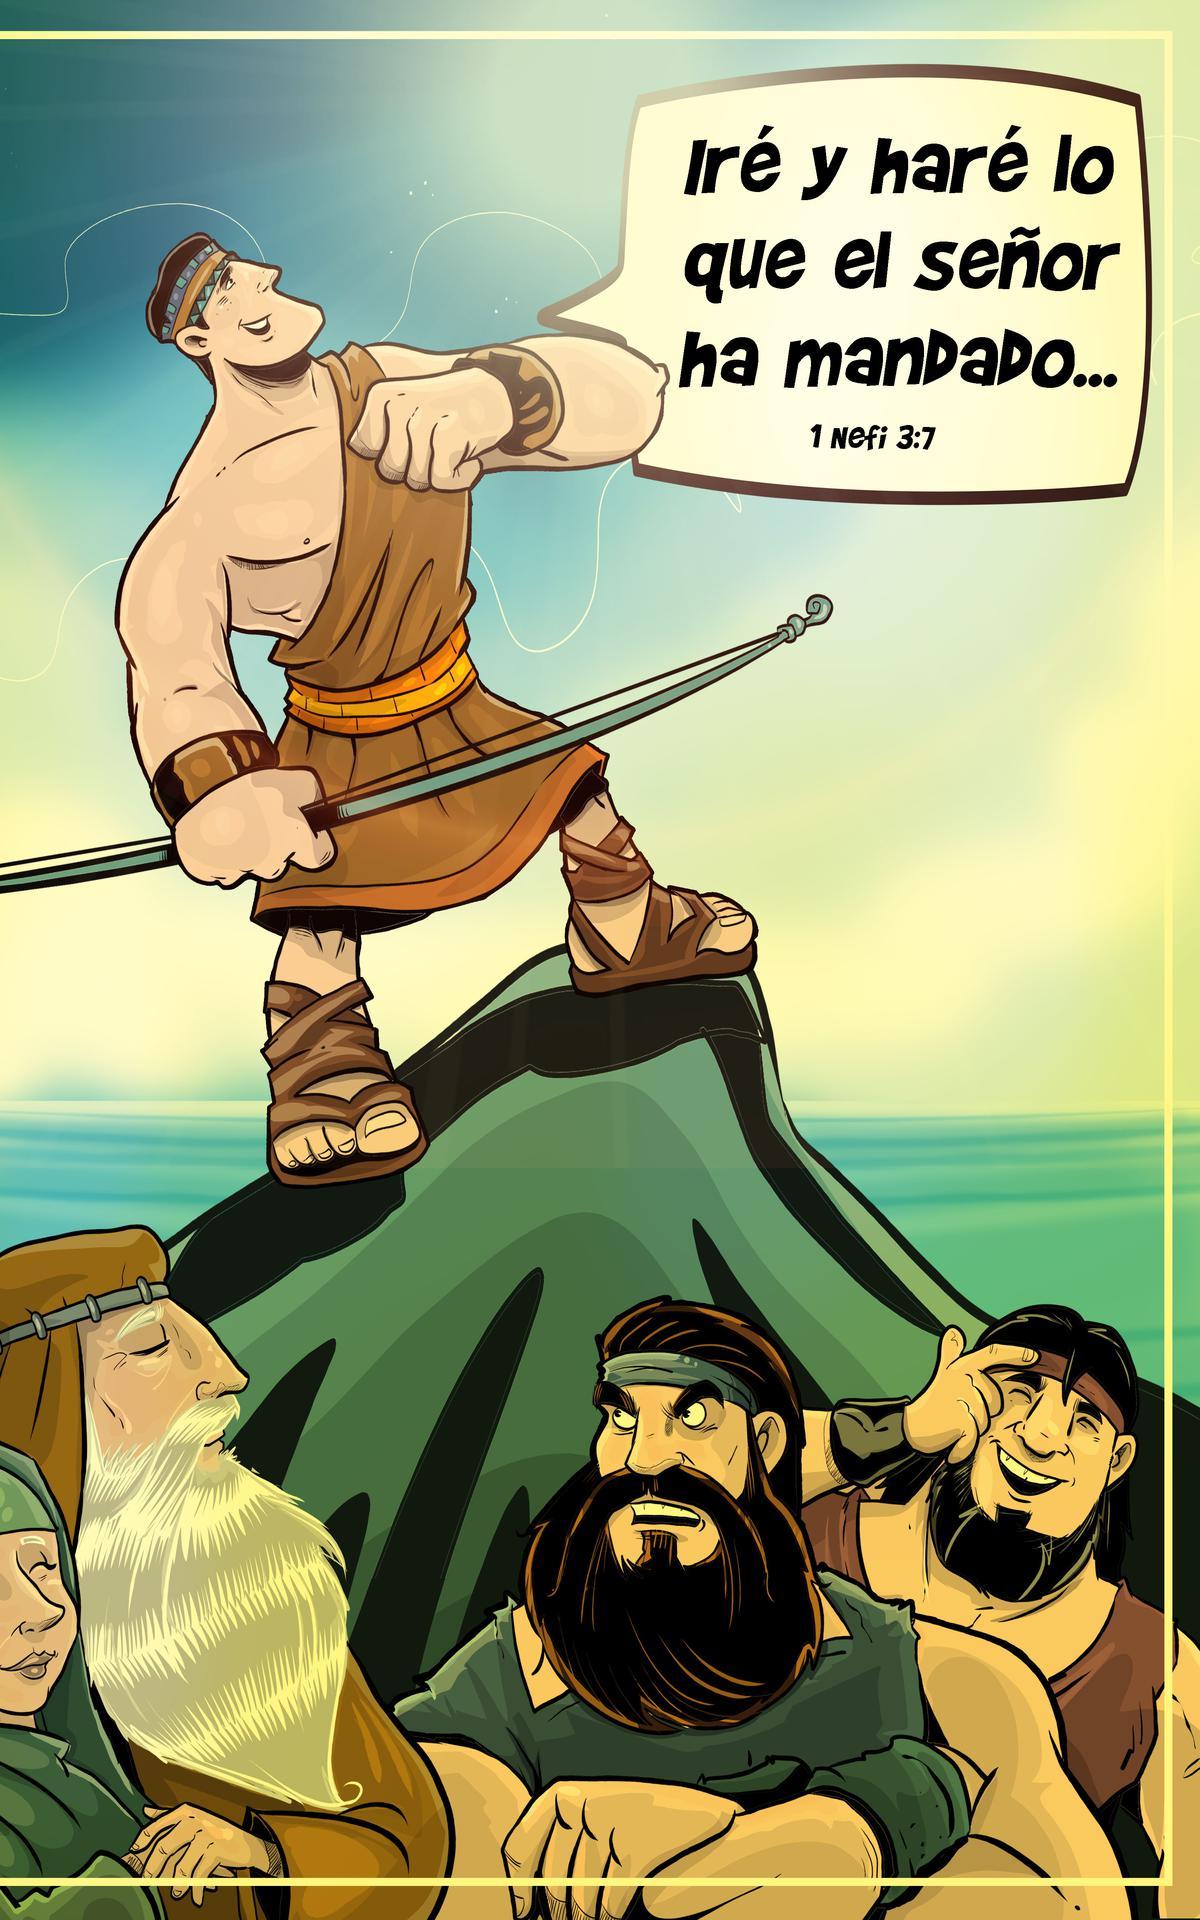 Nefi con su arco y flecha.